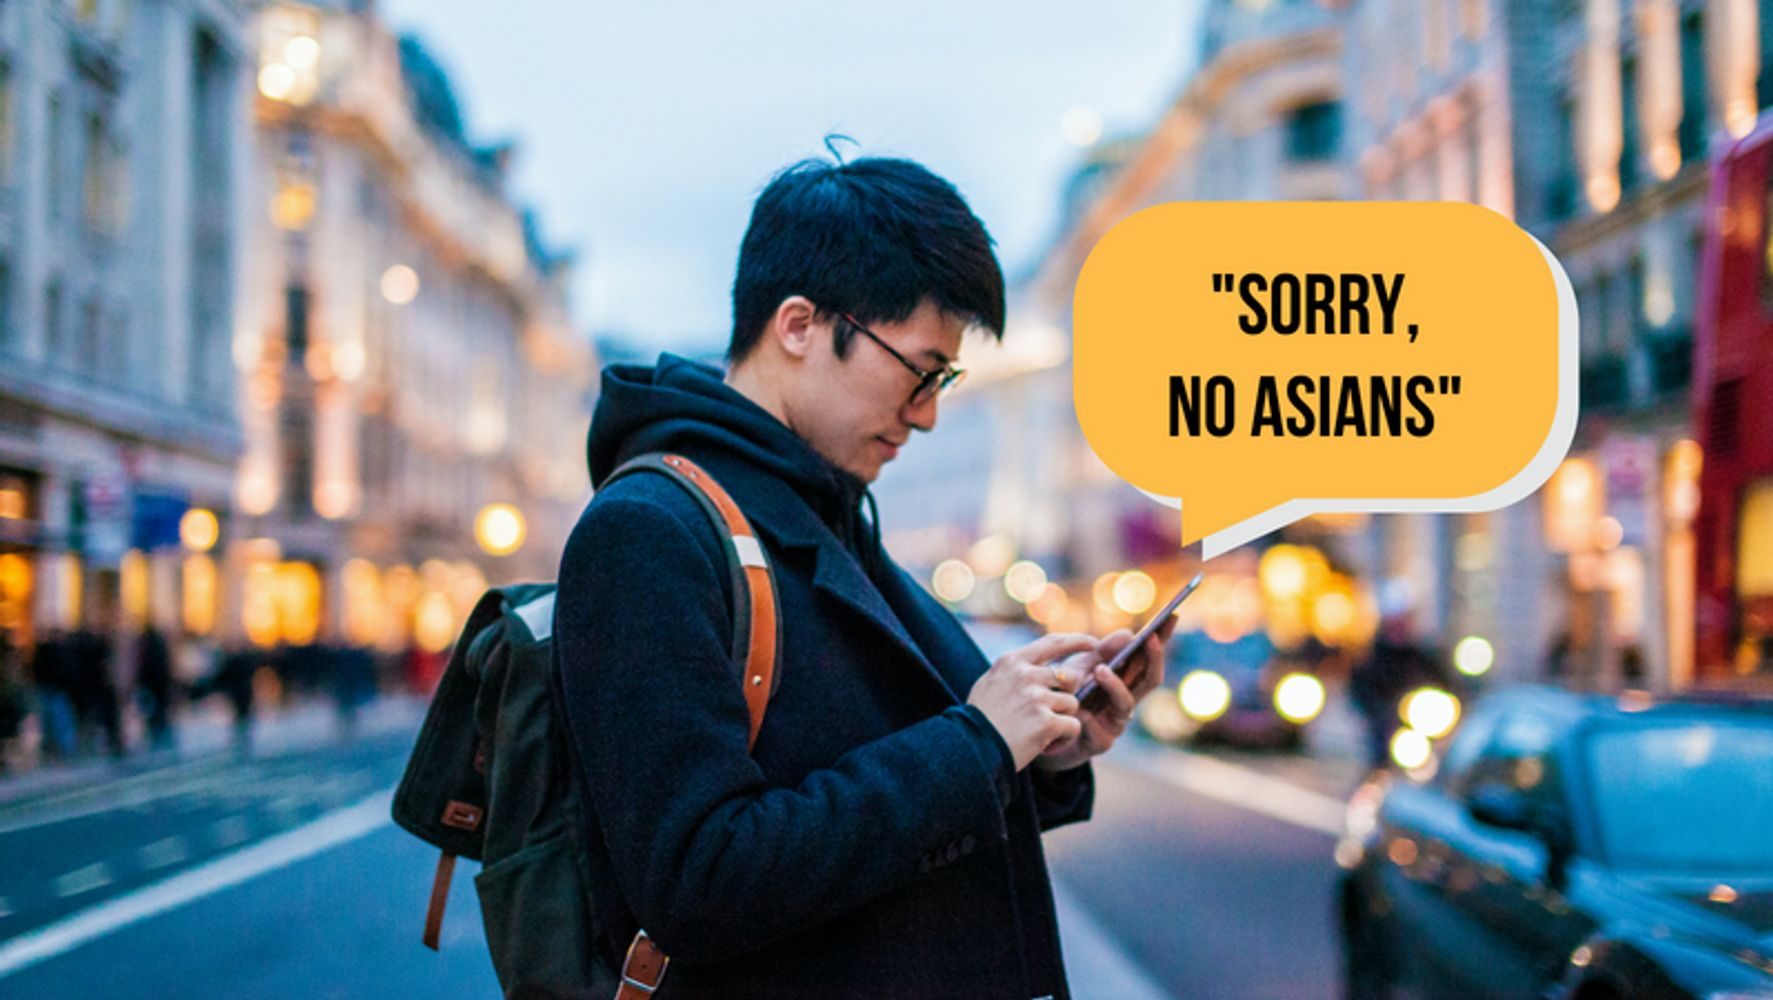 Rencontre homme asiatique en france